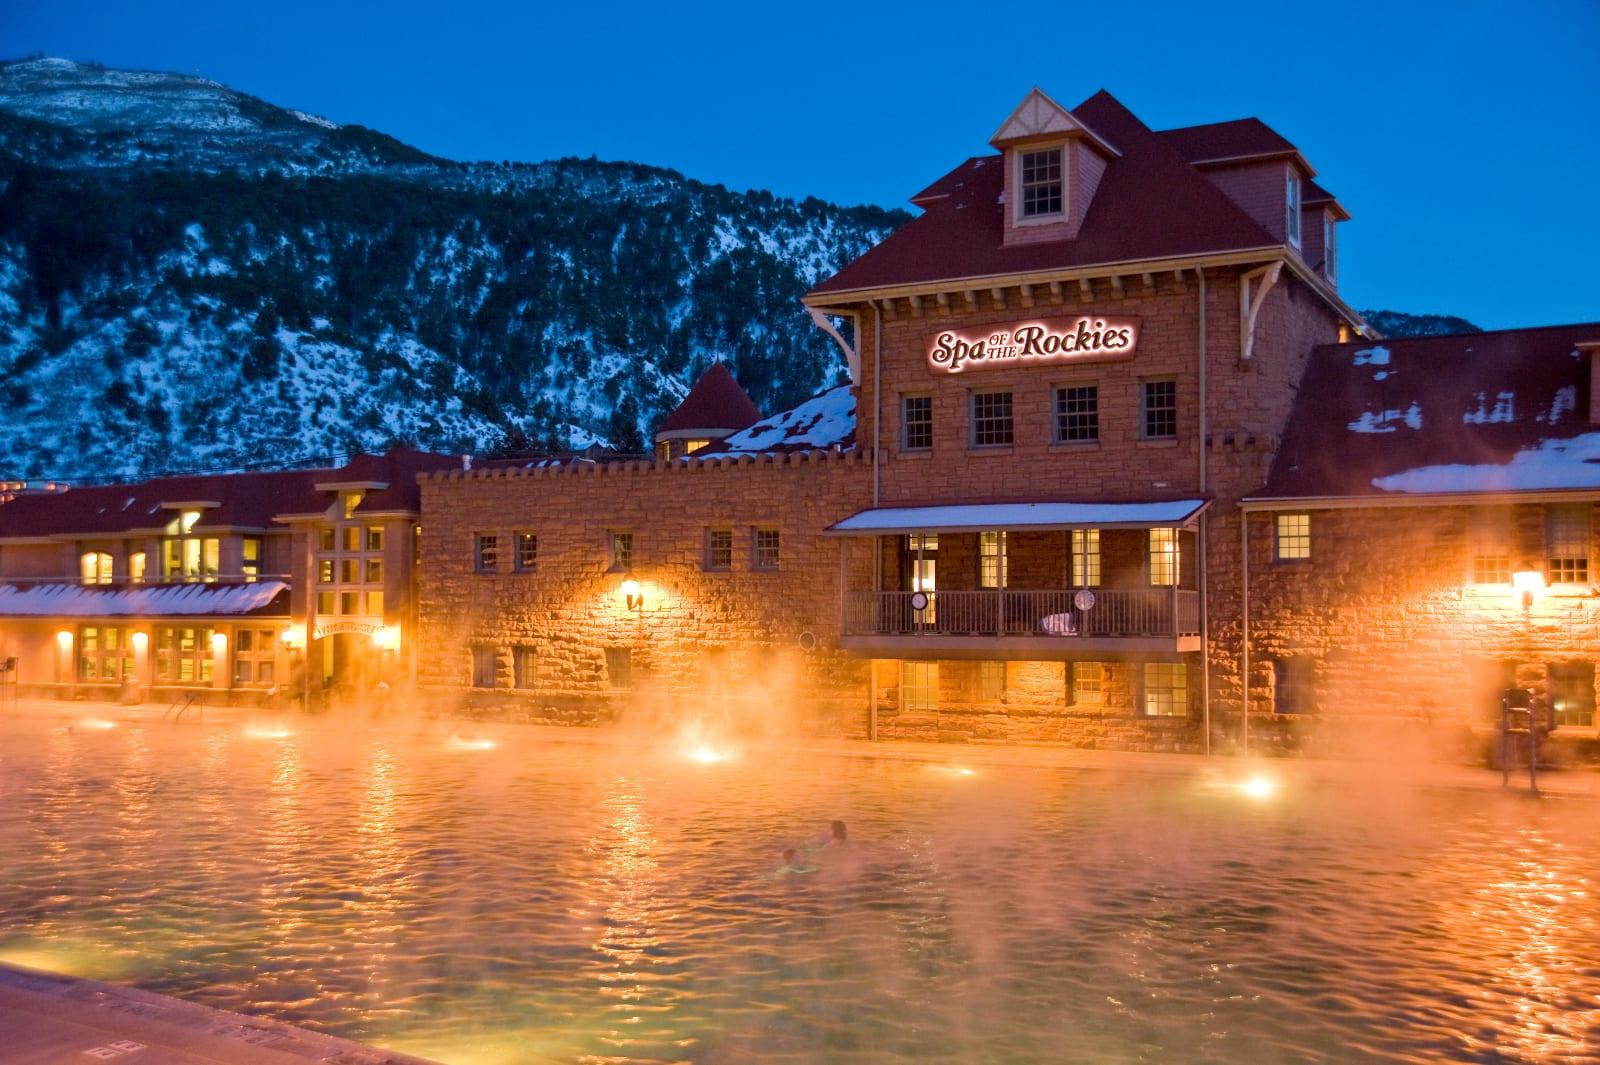 Glenwood Hot Springs Pool Twilight Spa of the Rockies